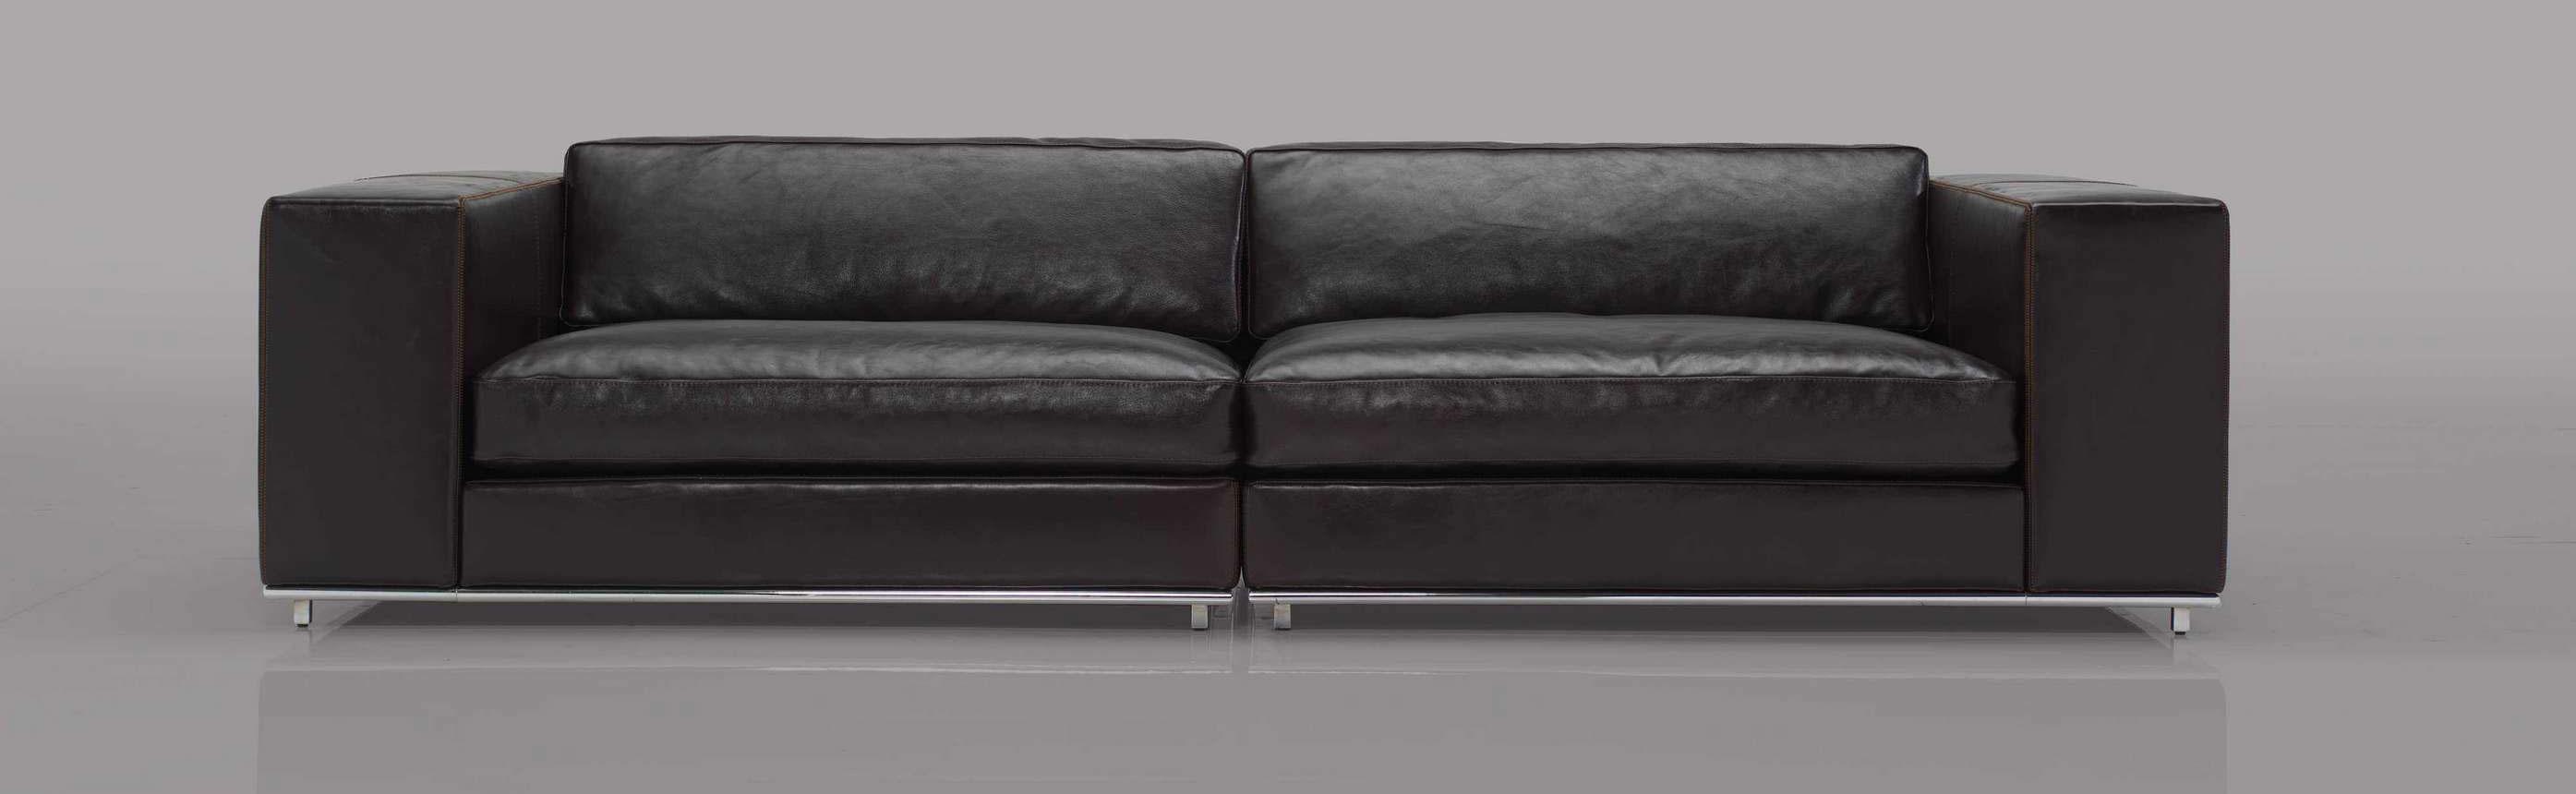 divani-nuovo-3